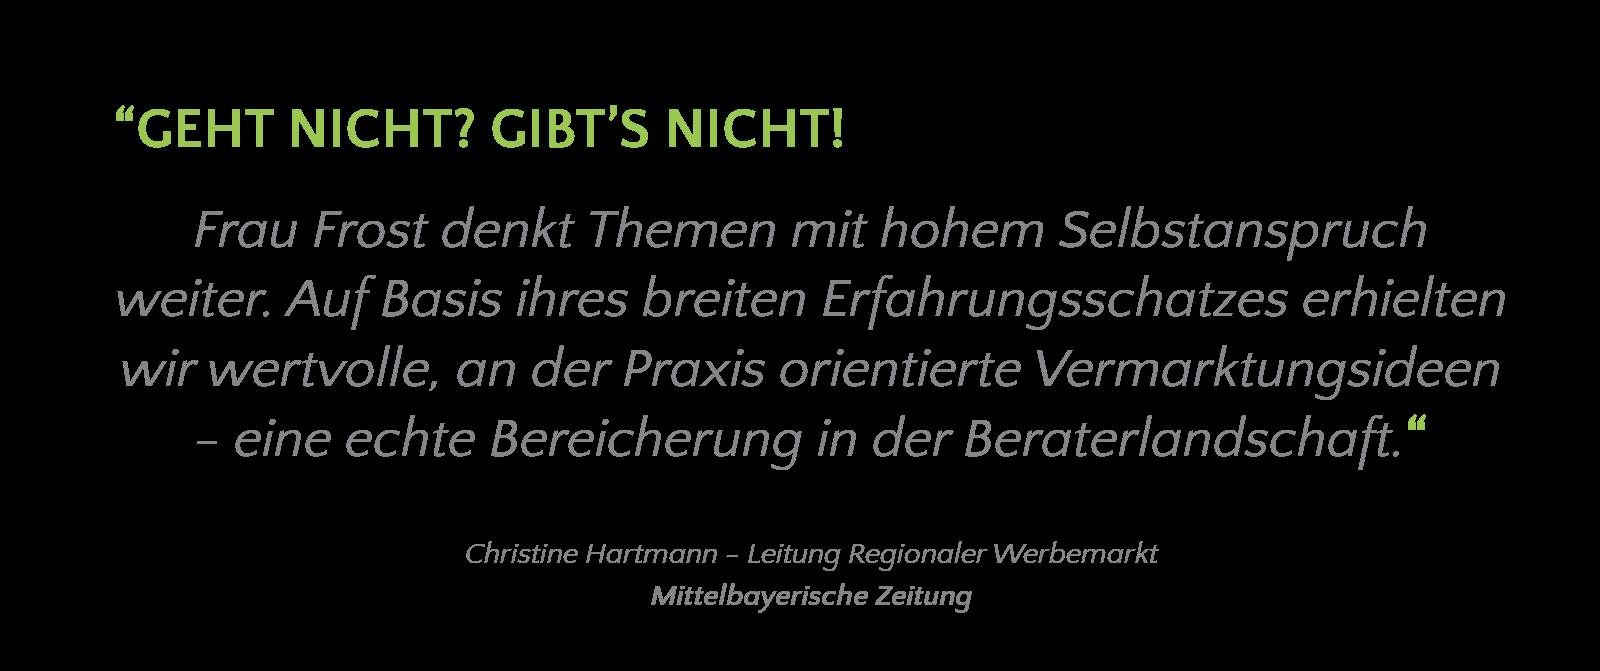 mittelbayerische-zeitung-2